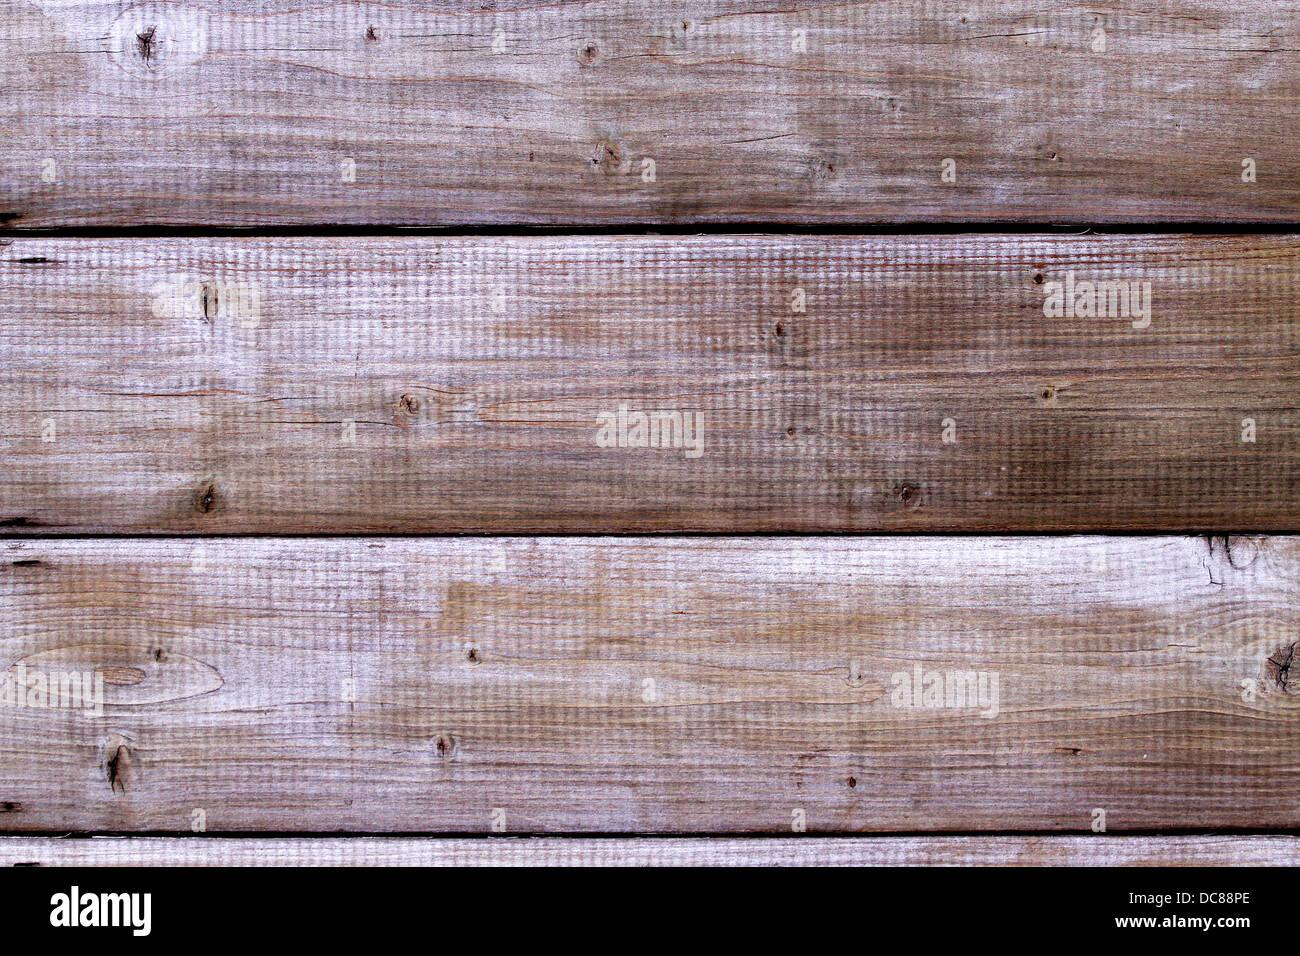 Tavole in legno sfondi Immagini Stock